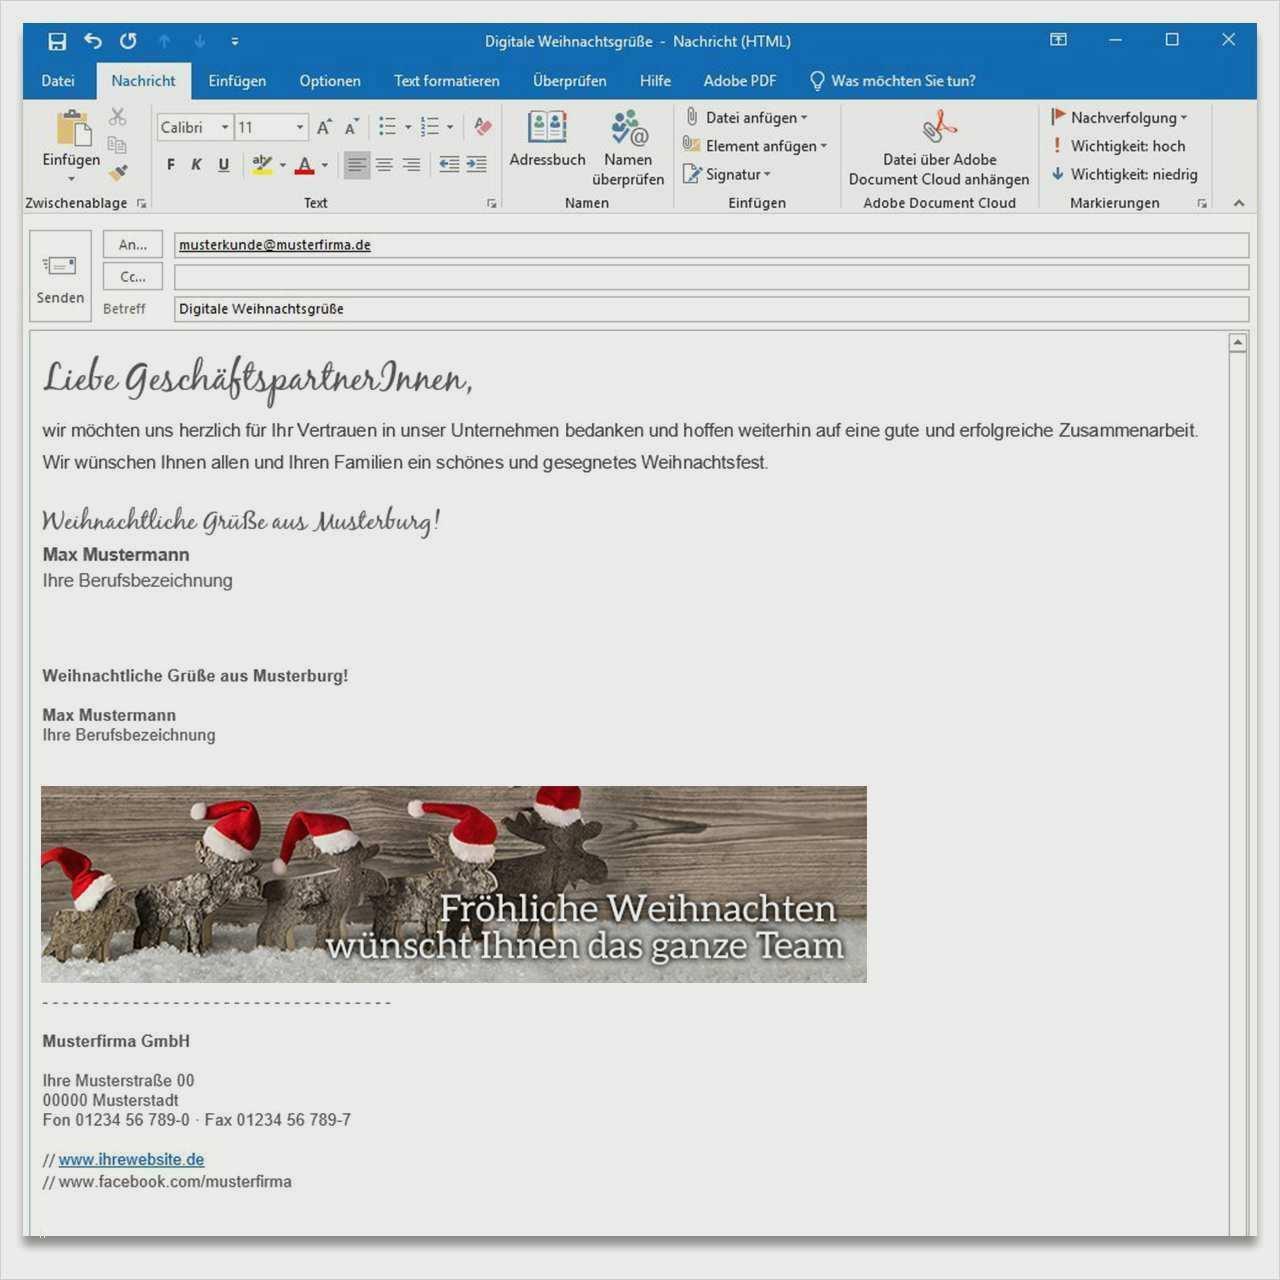 Angenehm E Mail Signatur Vorlage Geschaftlich Diese Konnen Anpassen In Microsoft Word Lebenslauf Layout Microsoft Word Vorlagen